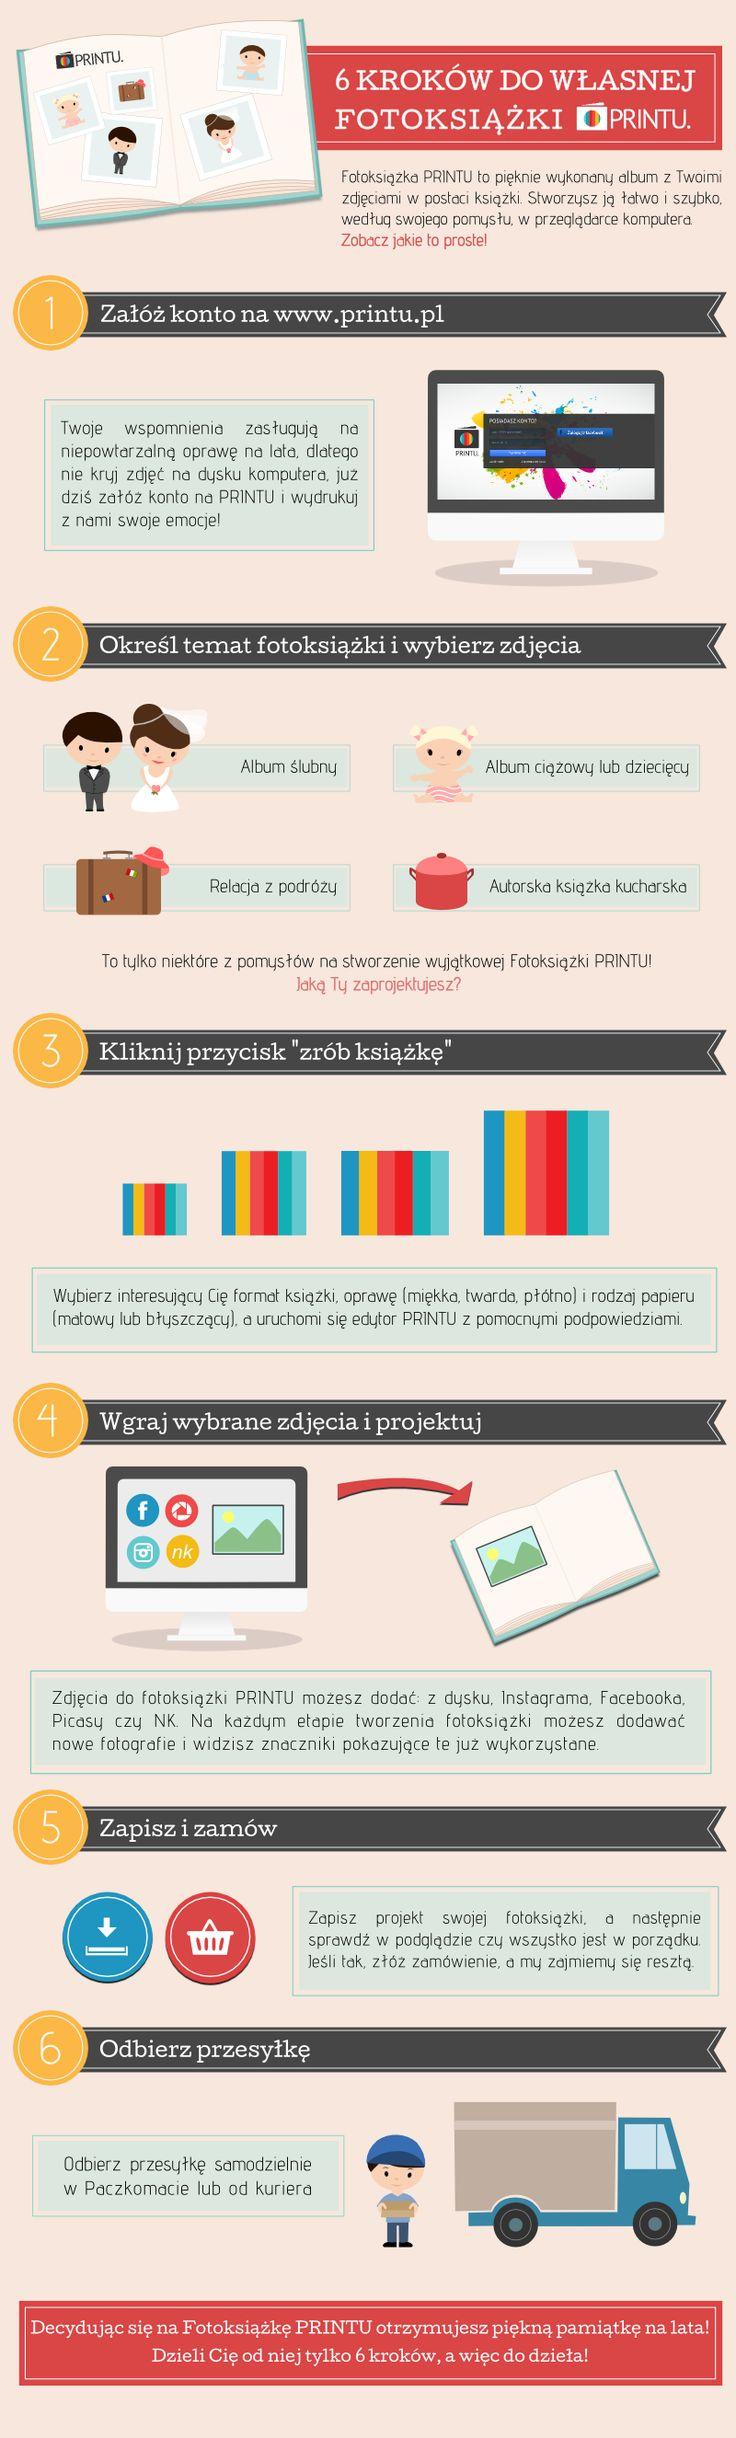 Jak zrobić fotoksiążkę? Infografika